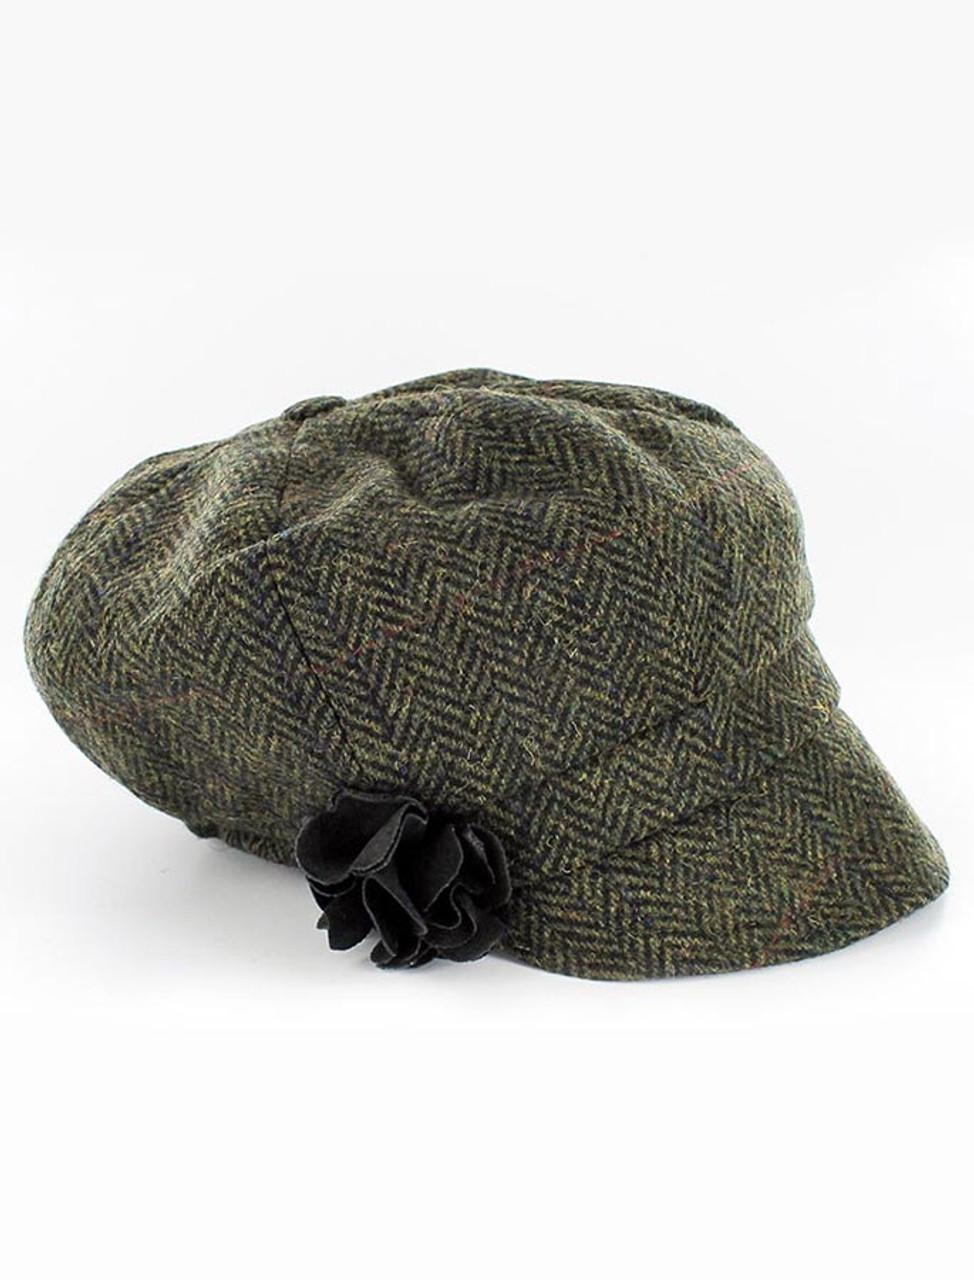 a6cc4ae2a1427f Ladies Tweed Newsboy Hat - Dark Green | Mucros Weavers